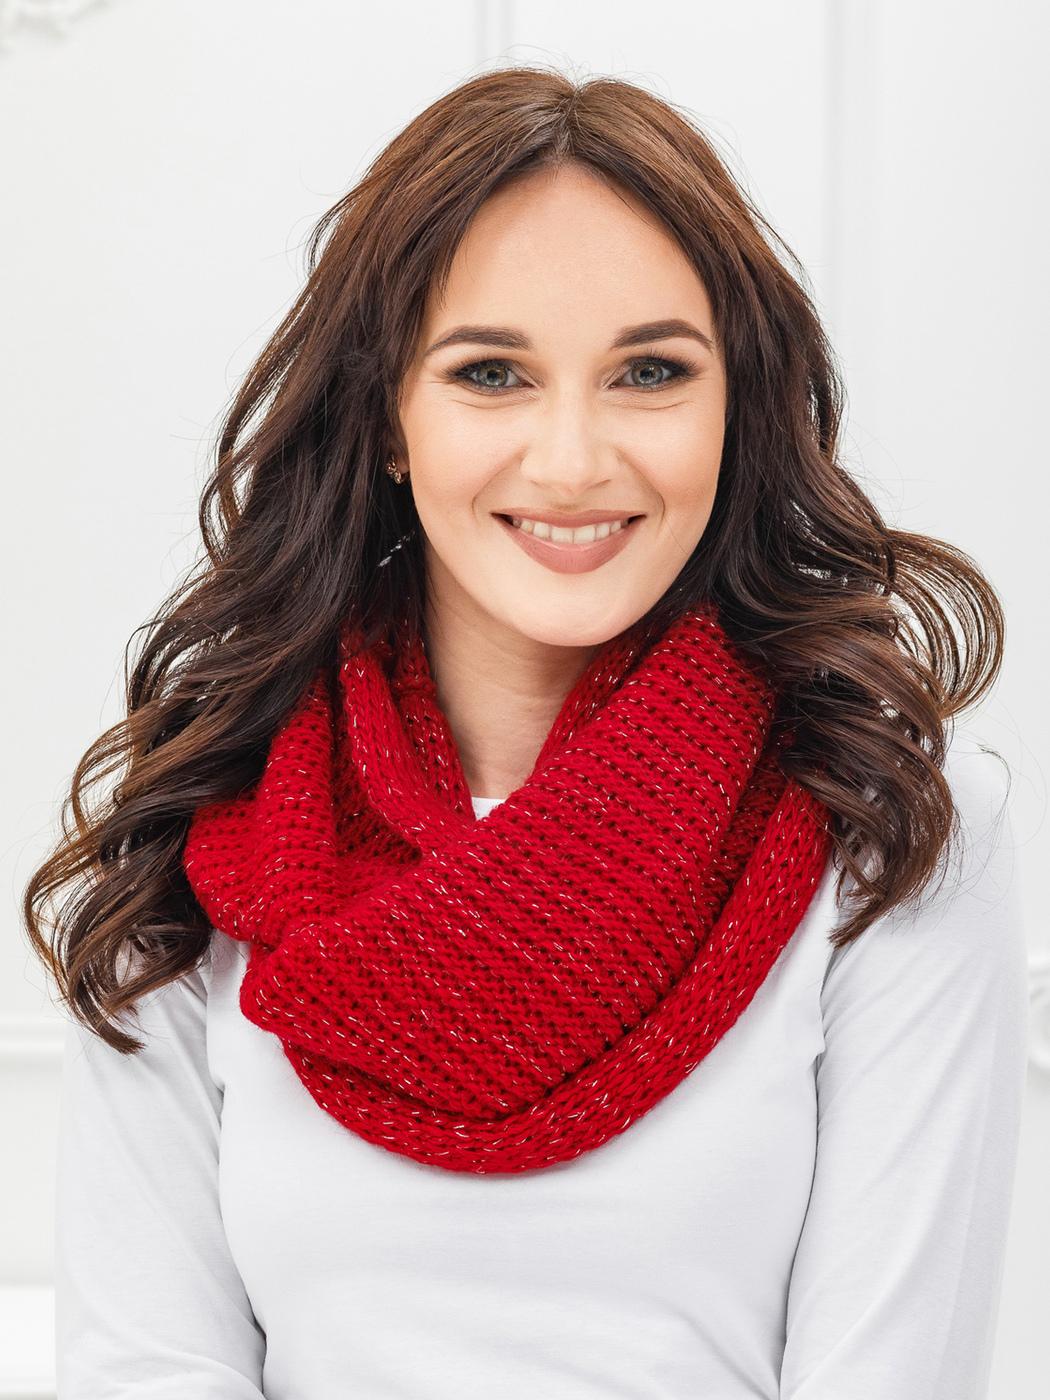 как носить шарф хомут зимой фото нем